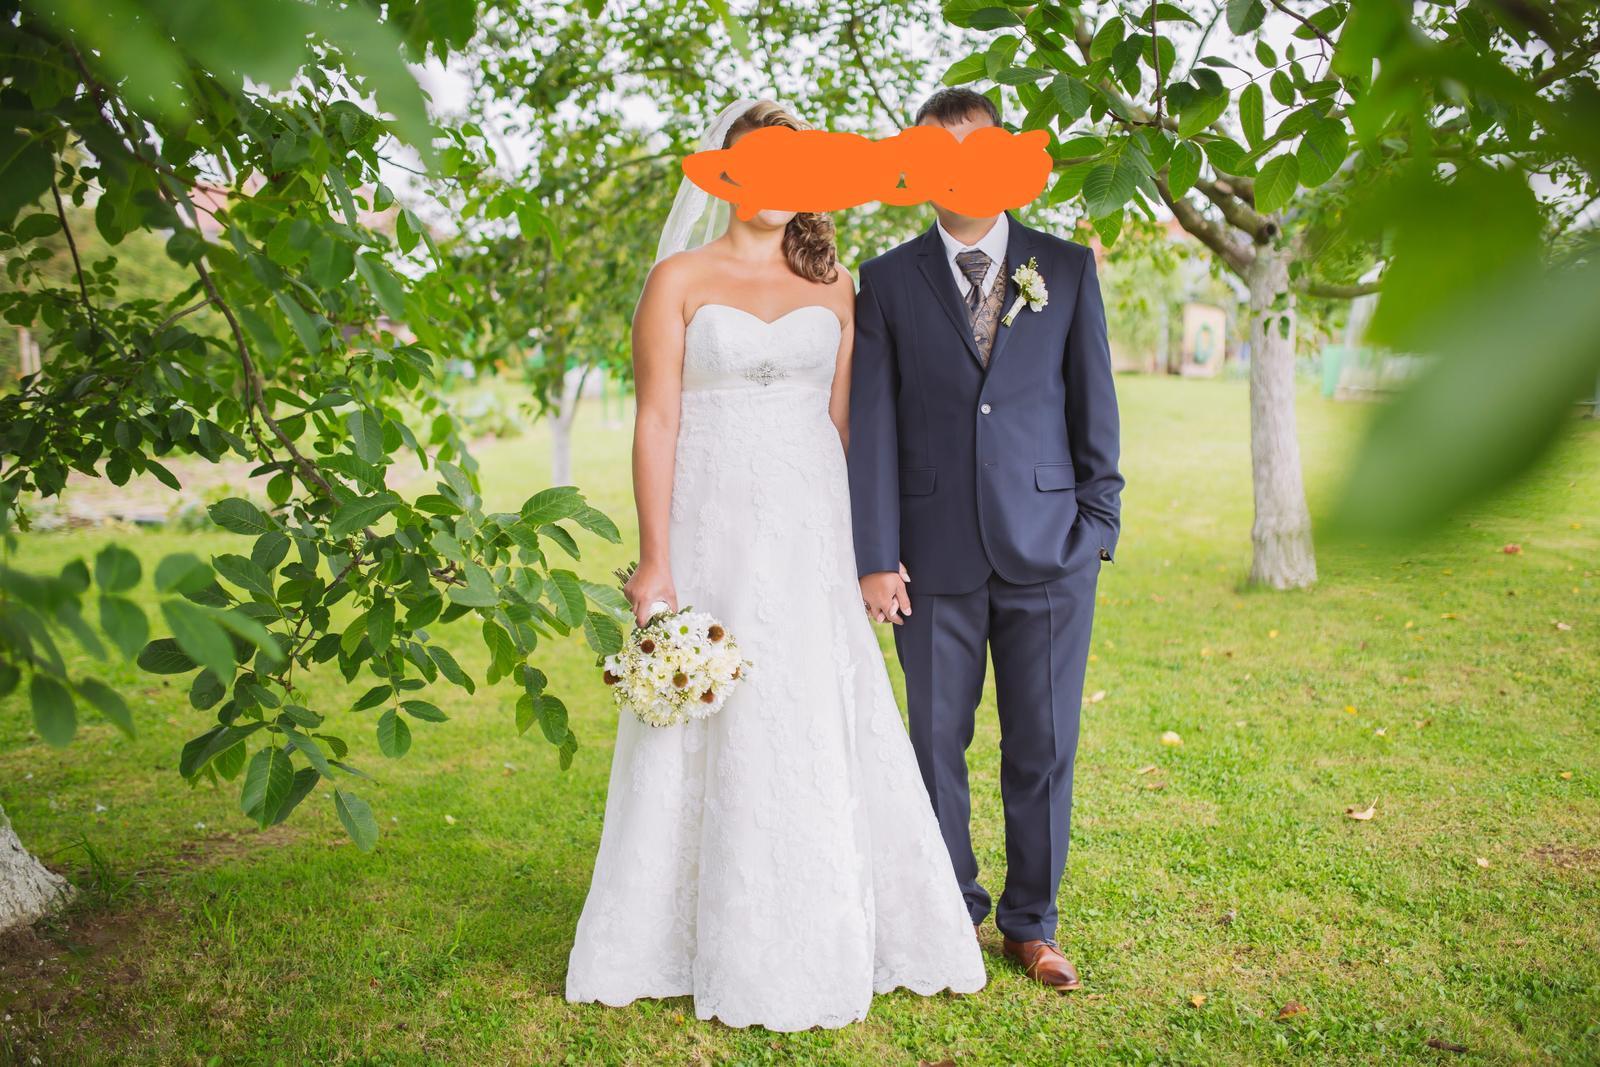 Svadobné šaty 40-44 - Obrázok č. 2